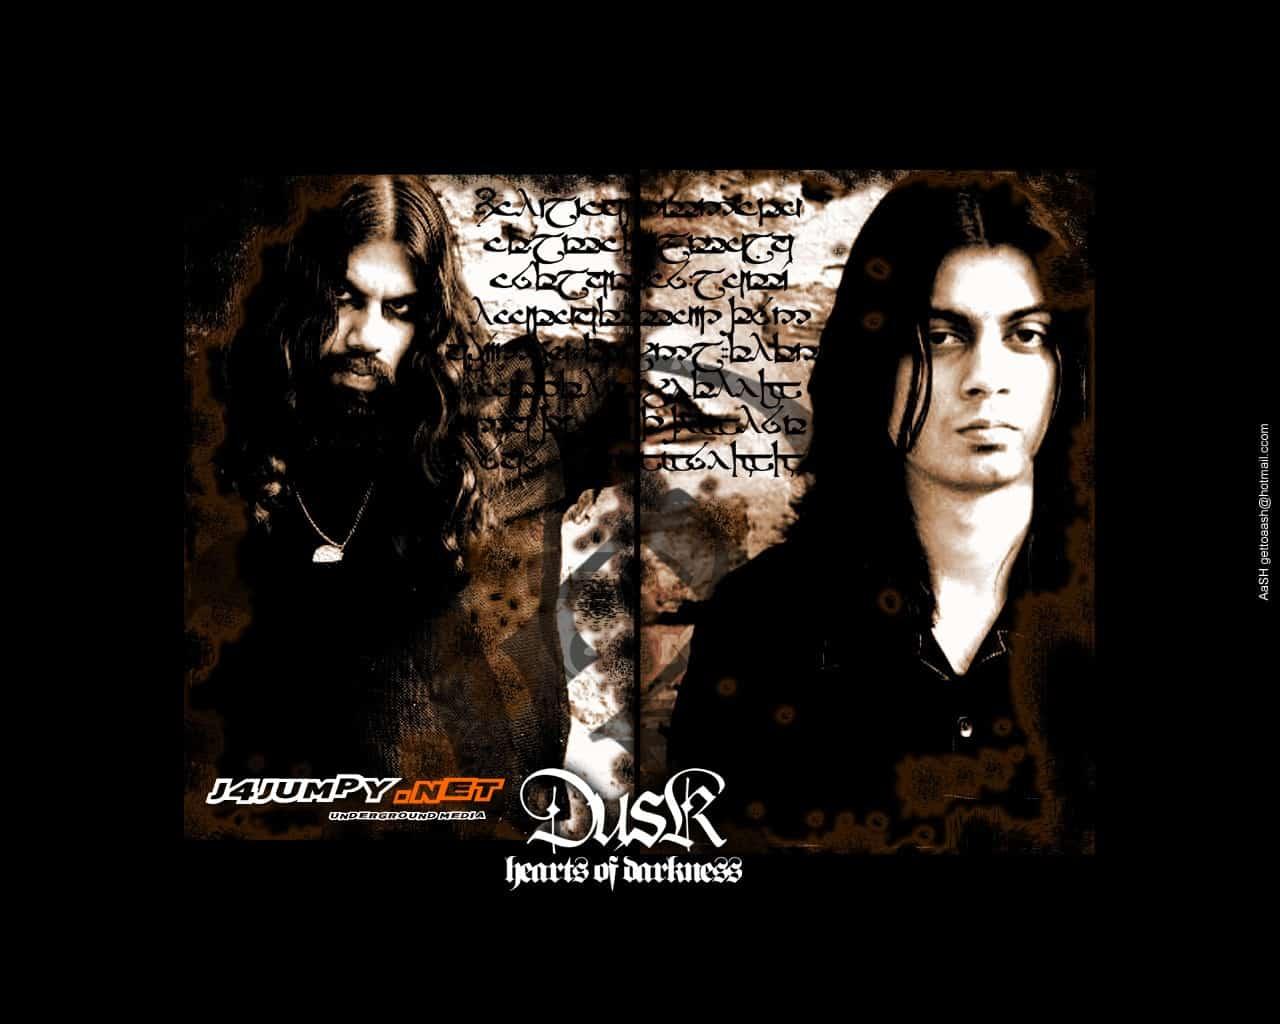 Dusk The Band (Faraz Anwar & Babar Sheikh)